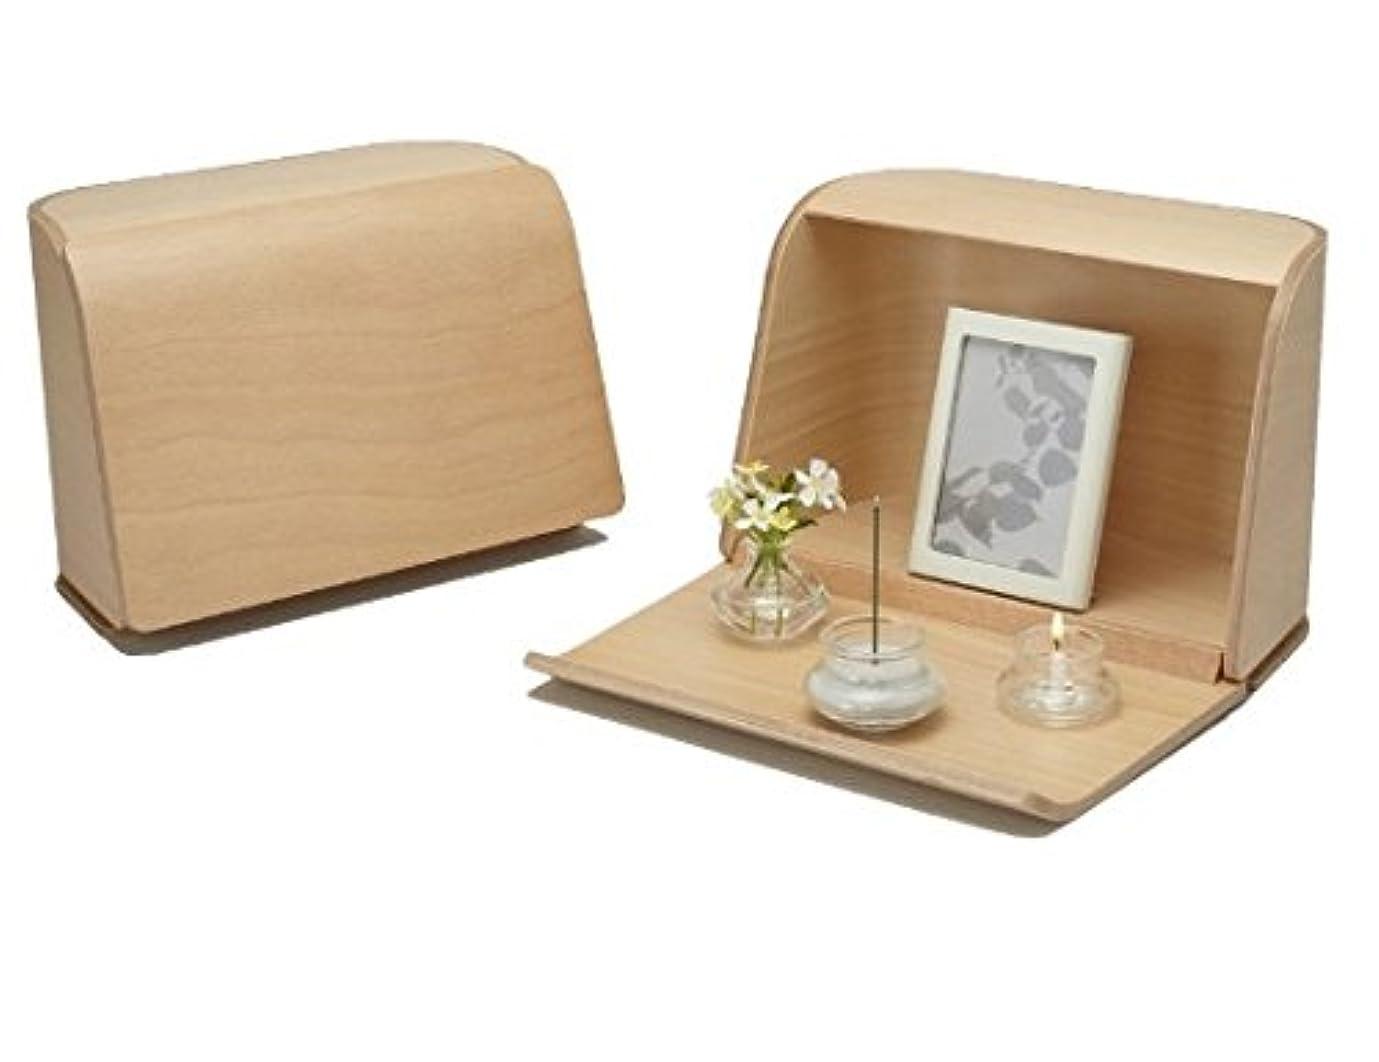 フォーマットリクルートスキャンやさしい時間祈りの手箱ナチュラル × 3個セット